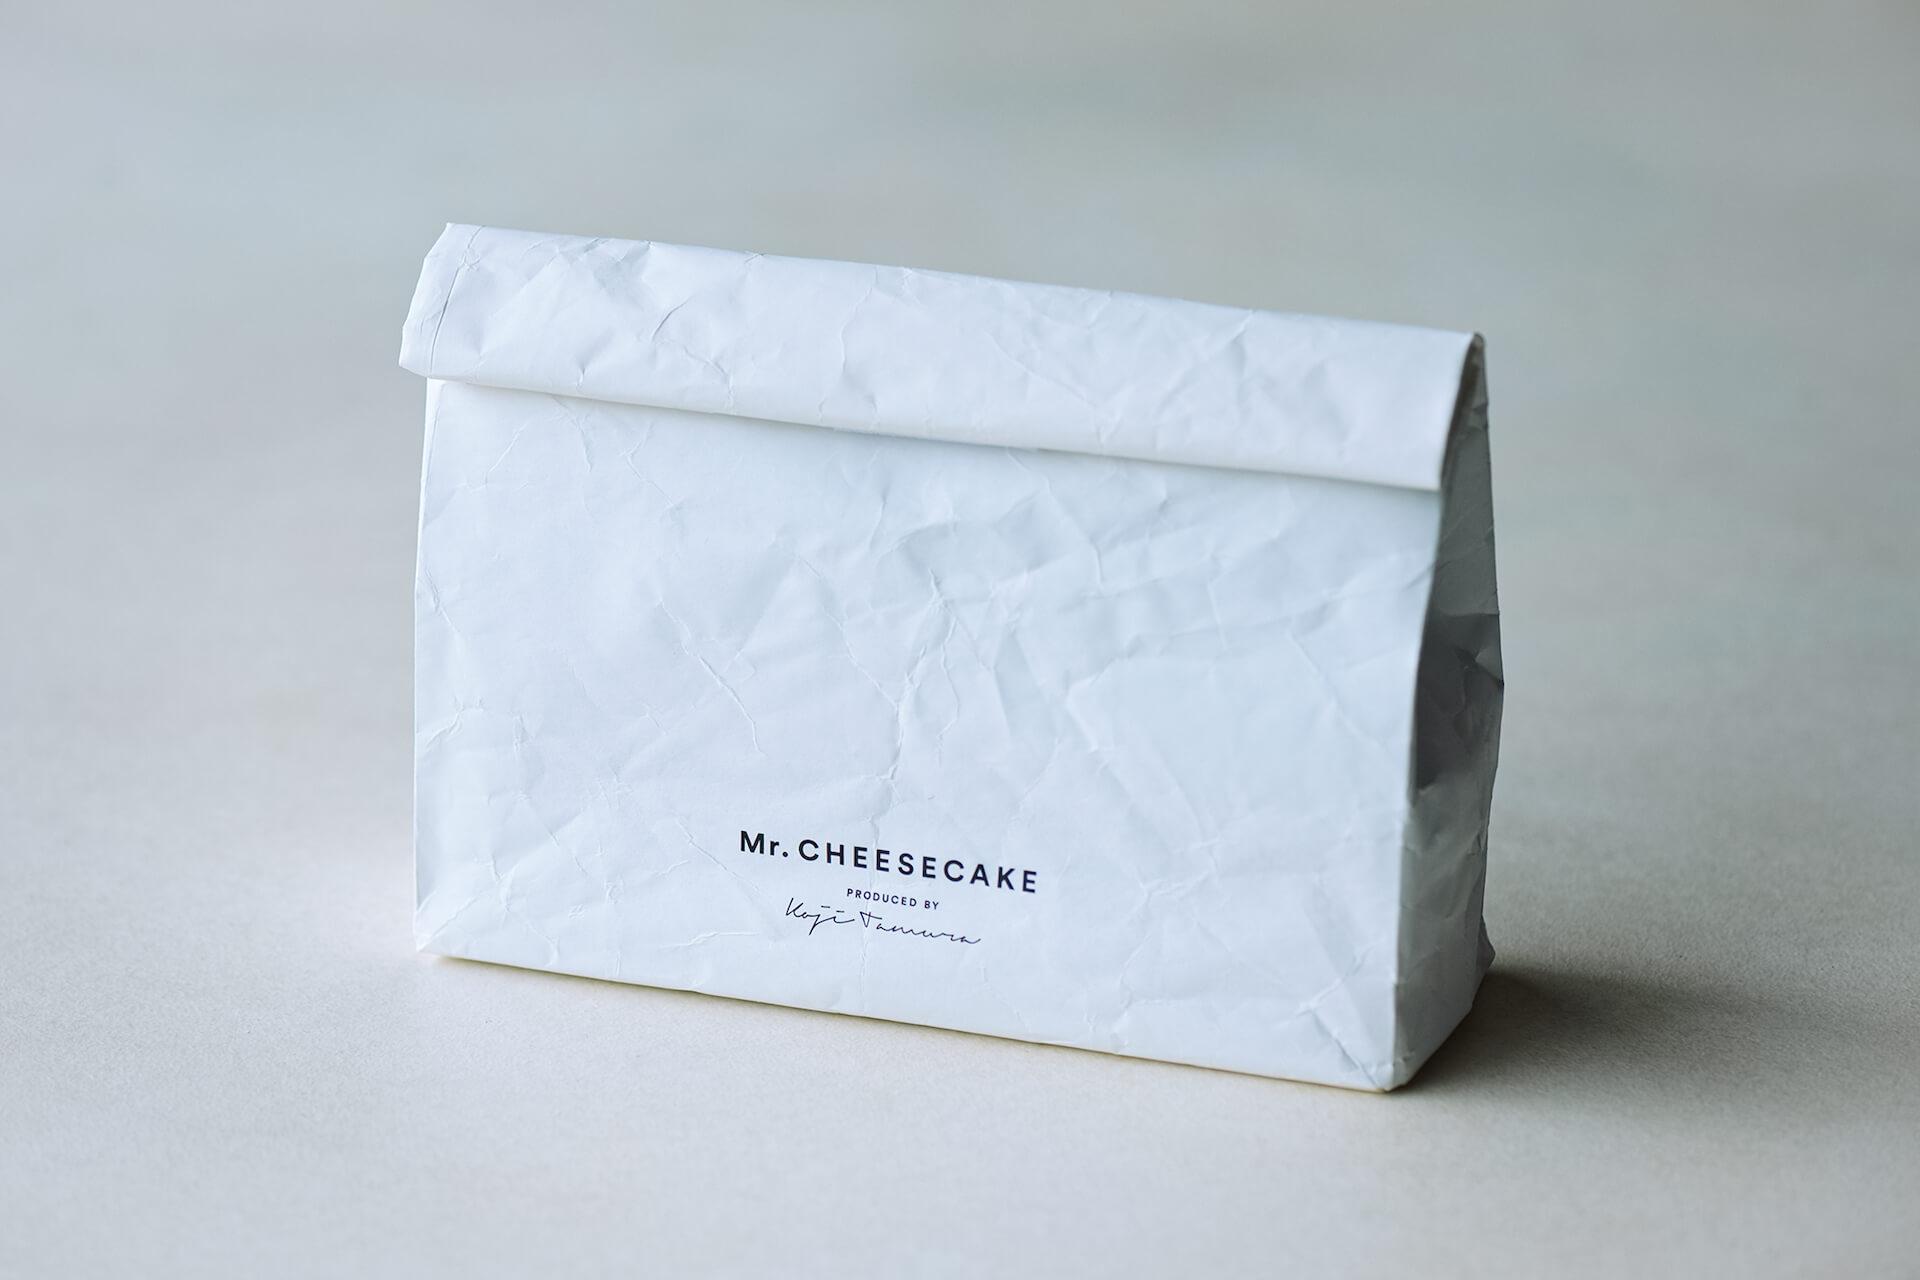 極上のチーズケーキがあなたの街にやってくる!Mr. CHEESECAKEのポップアップストアが全国8ヶ所でオープン gourmet210915_mrcheesecake_2